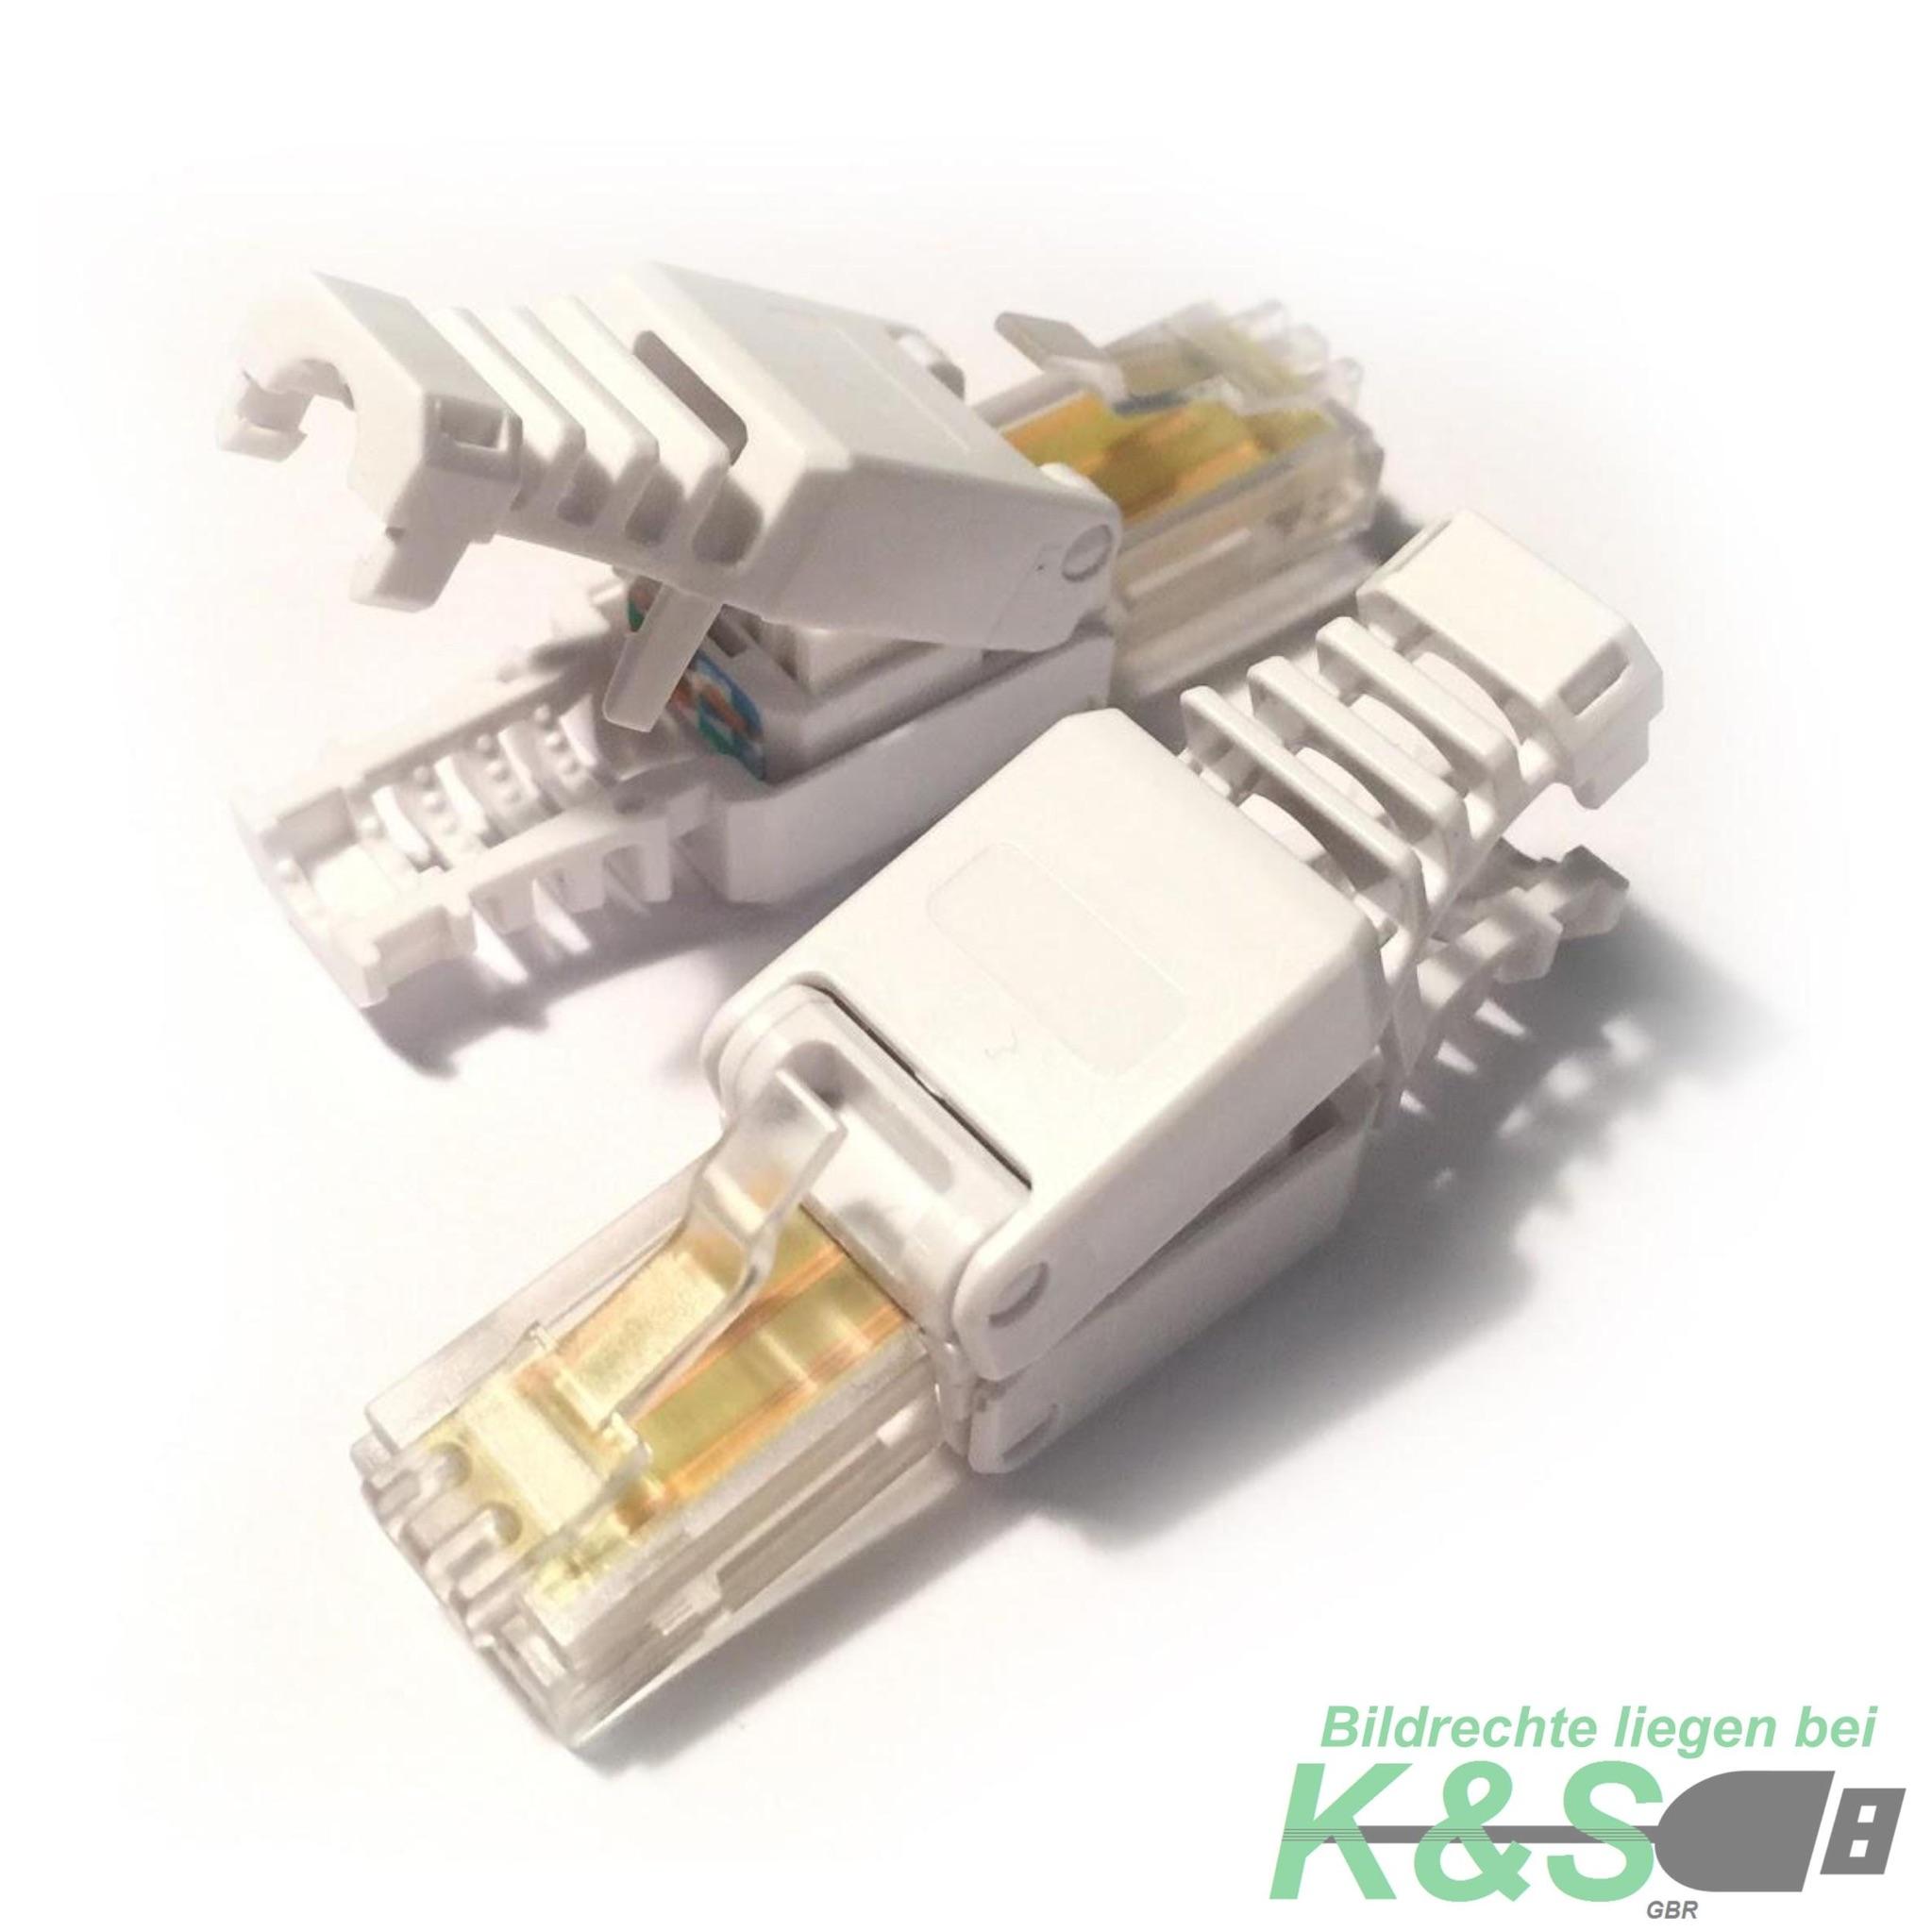 k&s cat 7 / 6 / 5 rj45 lan stecker zur werkzeuglose montage mit